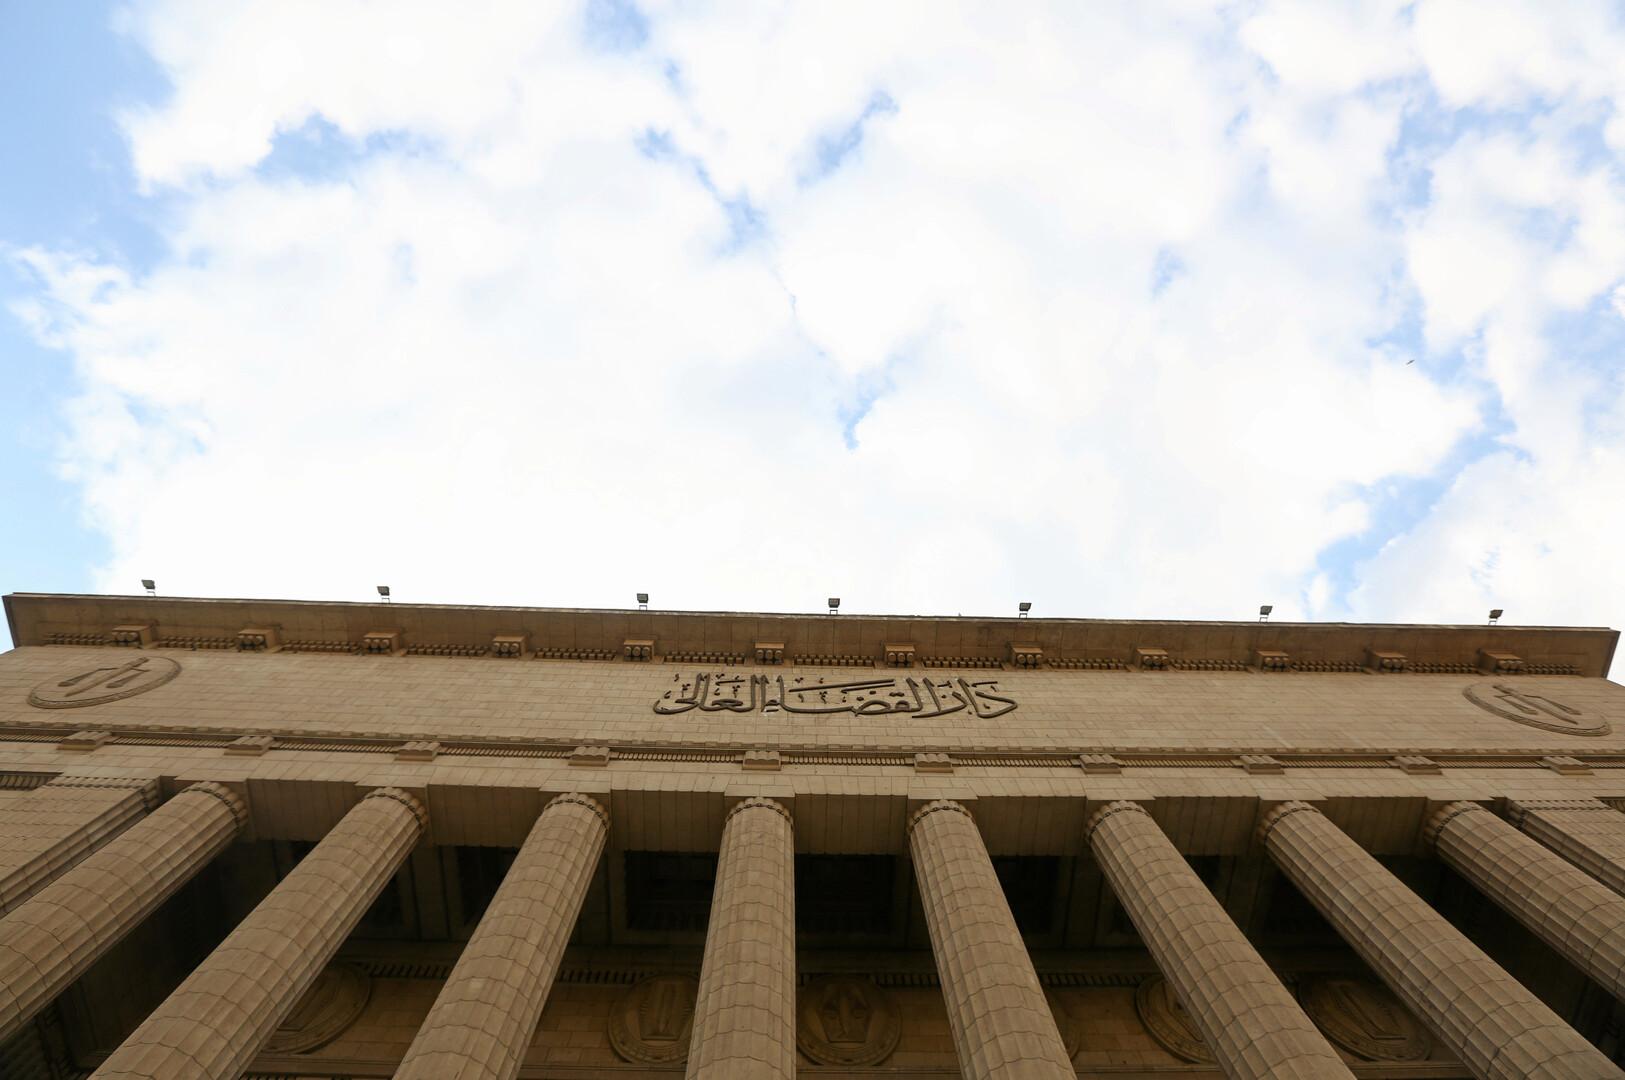 قرار جمهوري.. تعيين المستشار حمادة الصاوي نائبا عاما جديدا في مصر